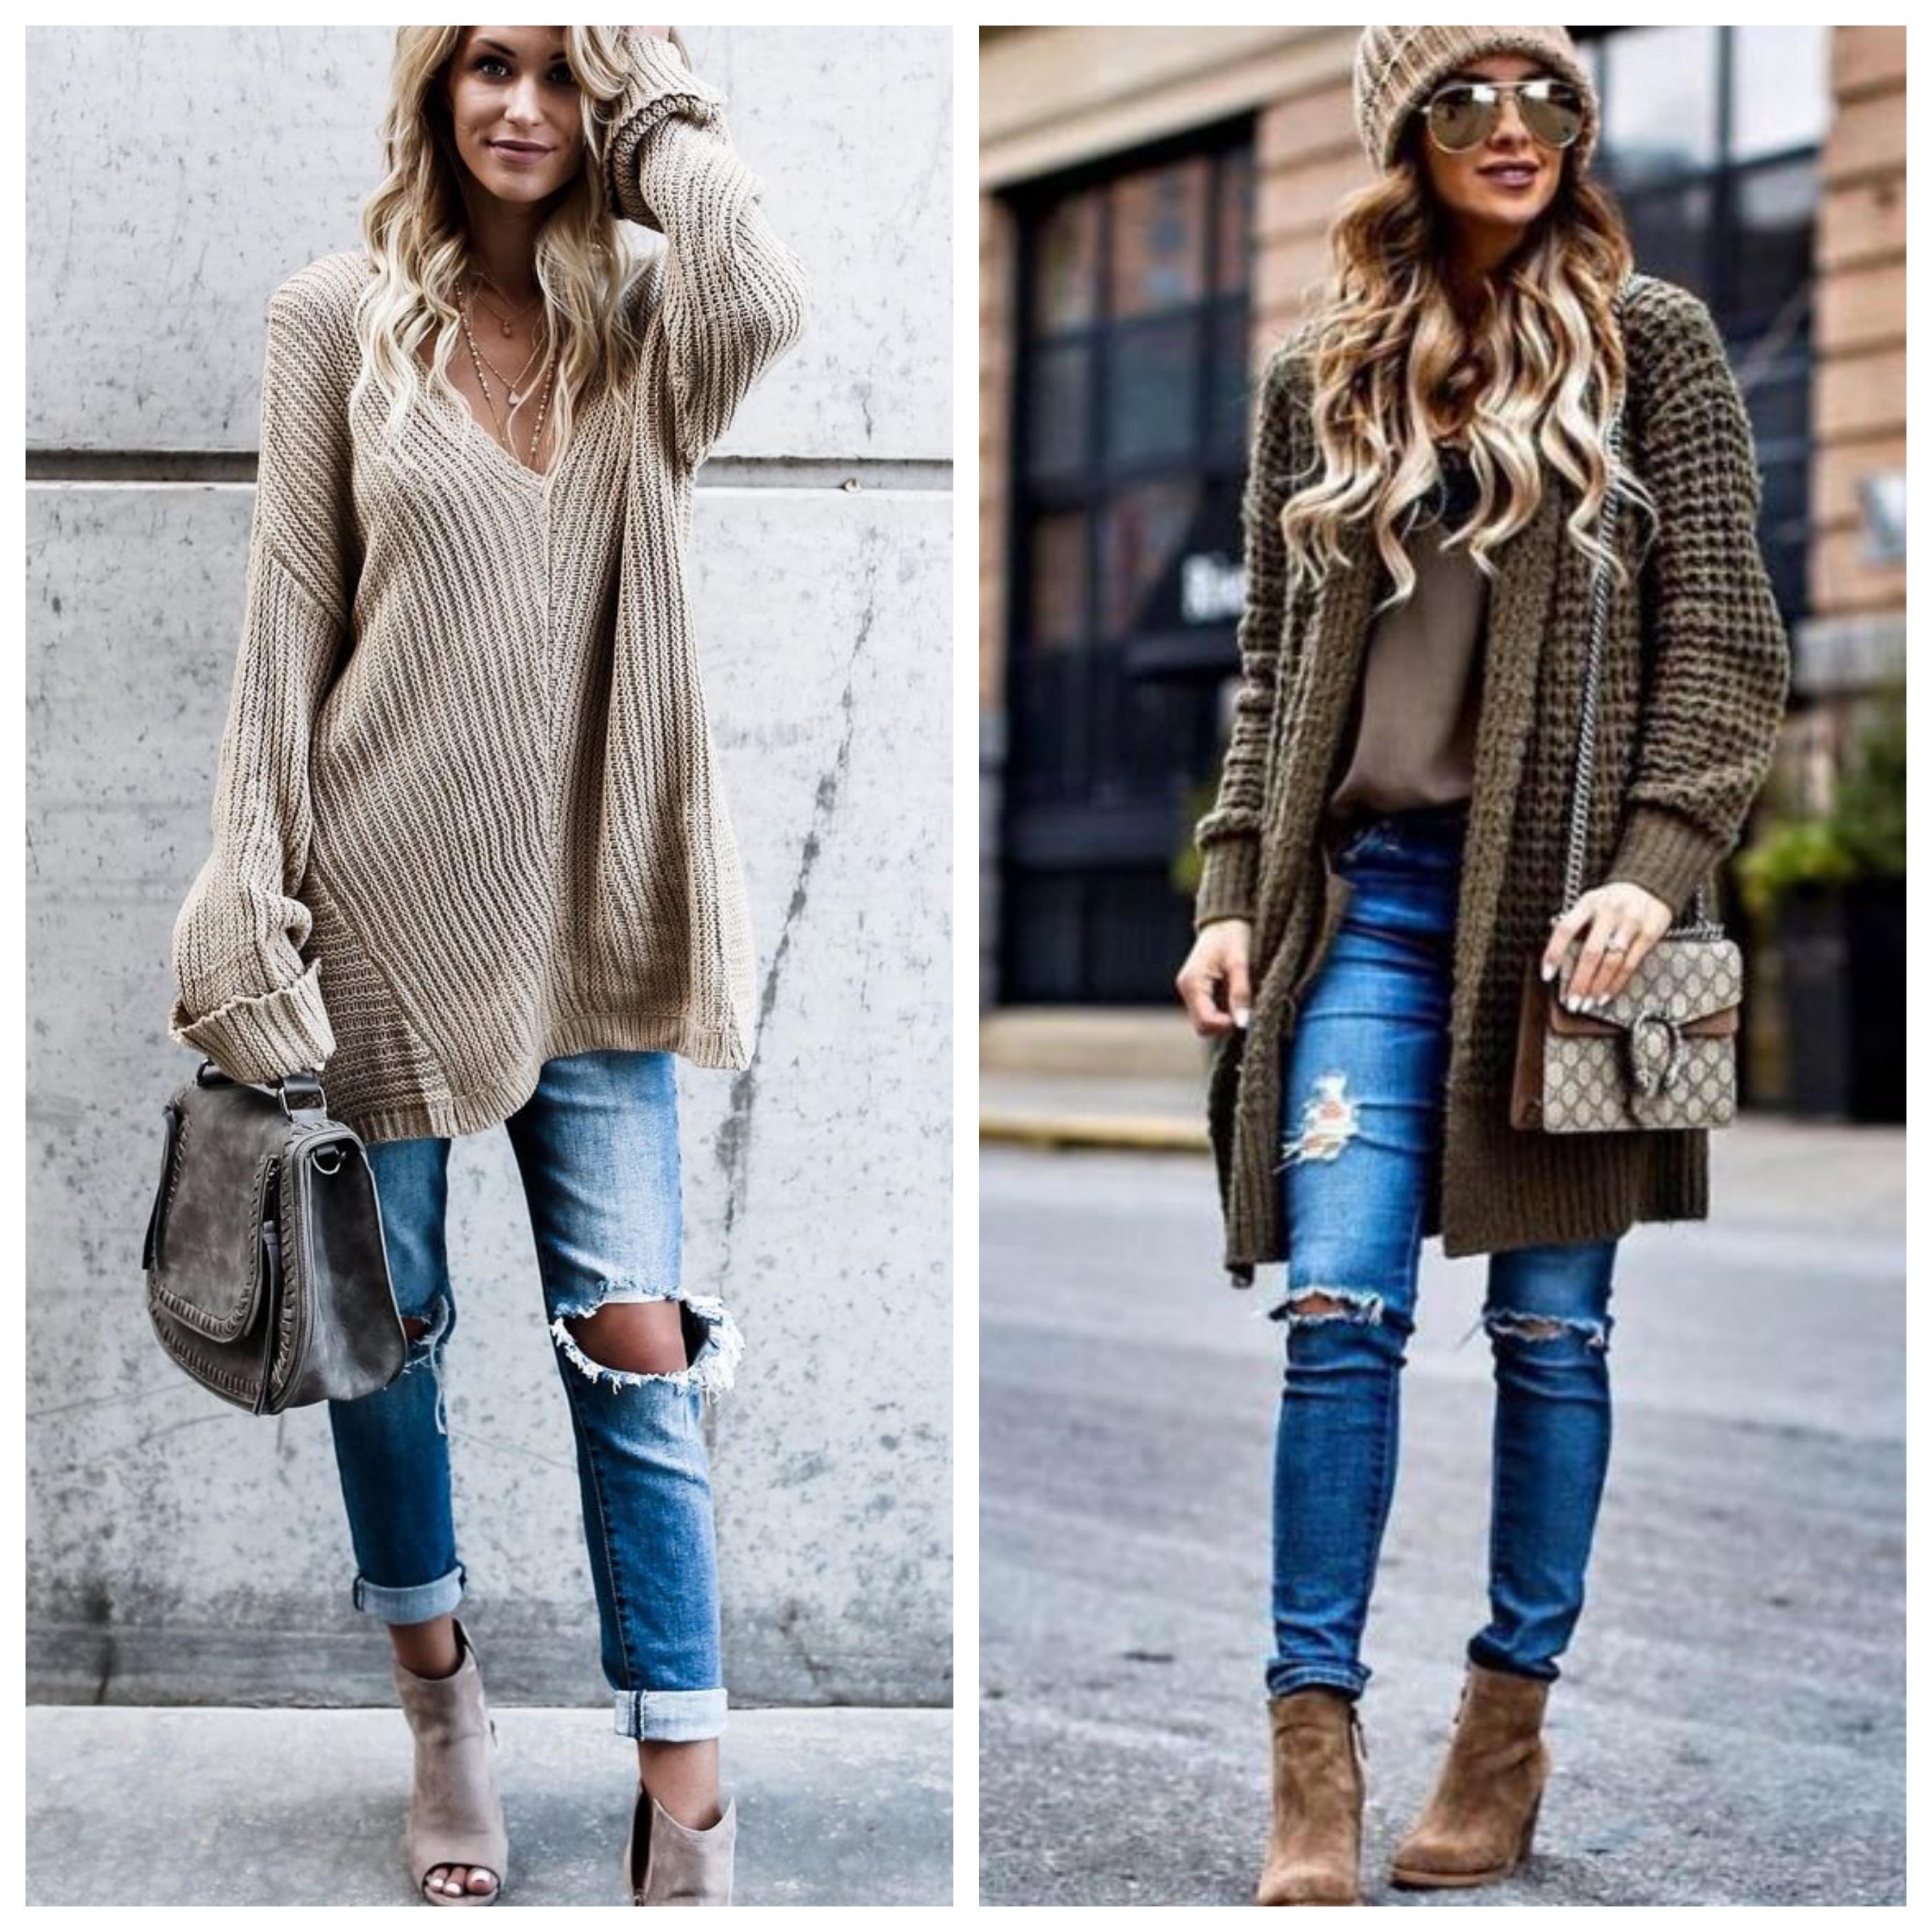 Рваные джинсы - модный лук